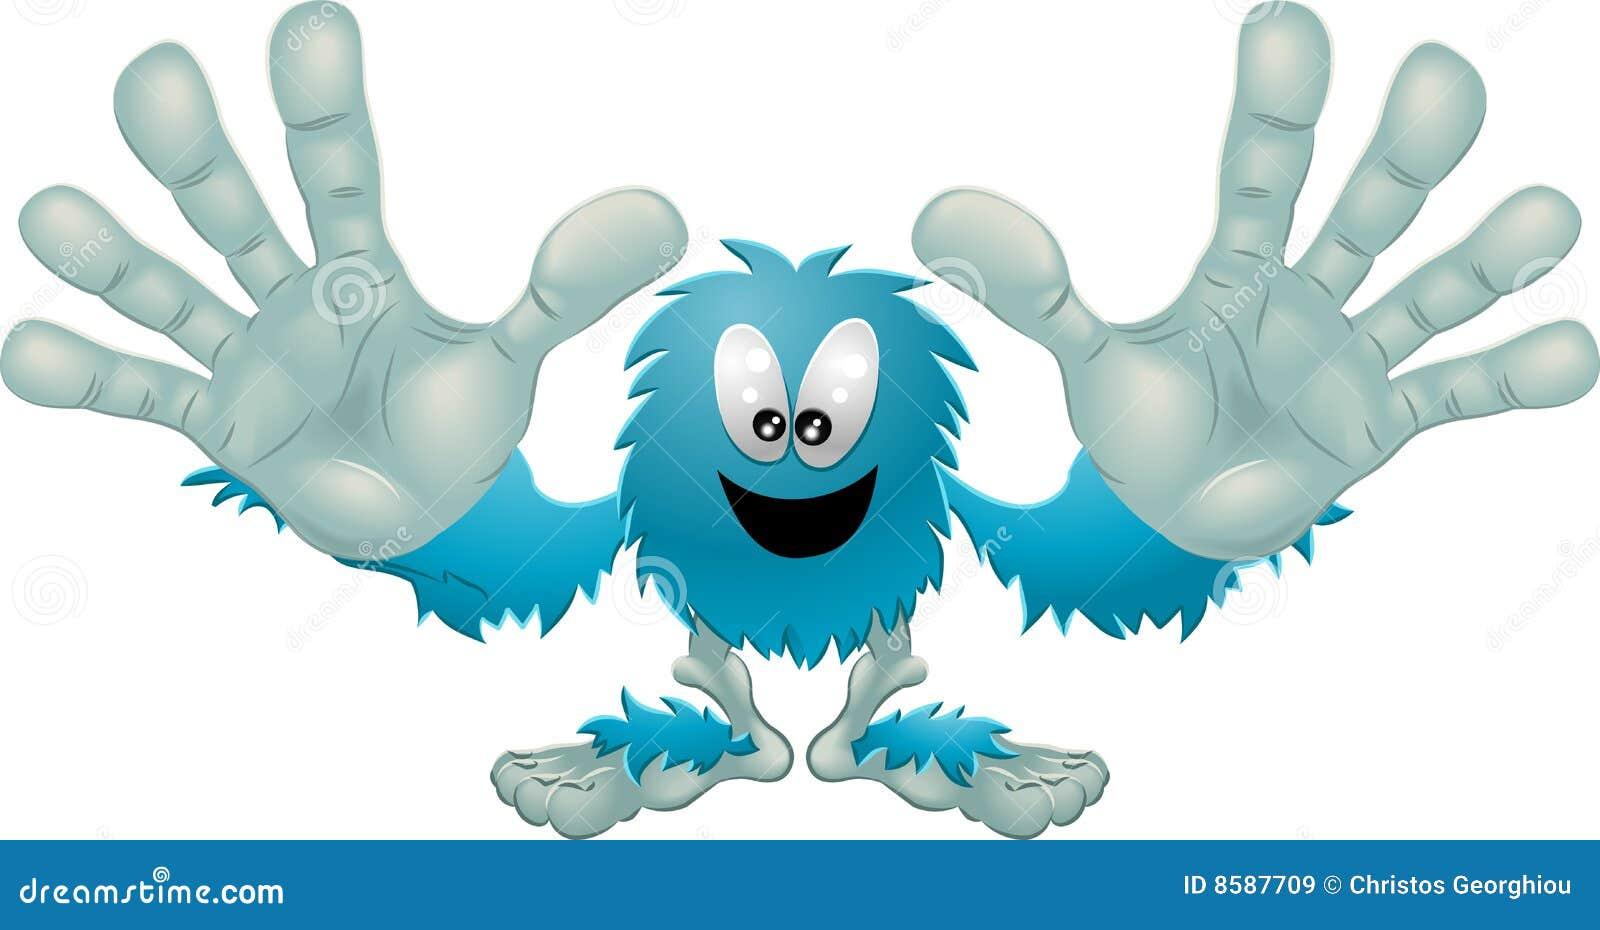 Mostro blu simile a pelliccia amichevole sveglio